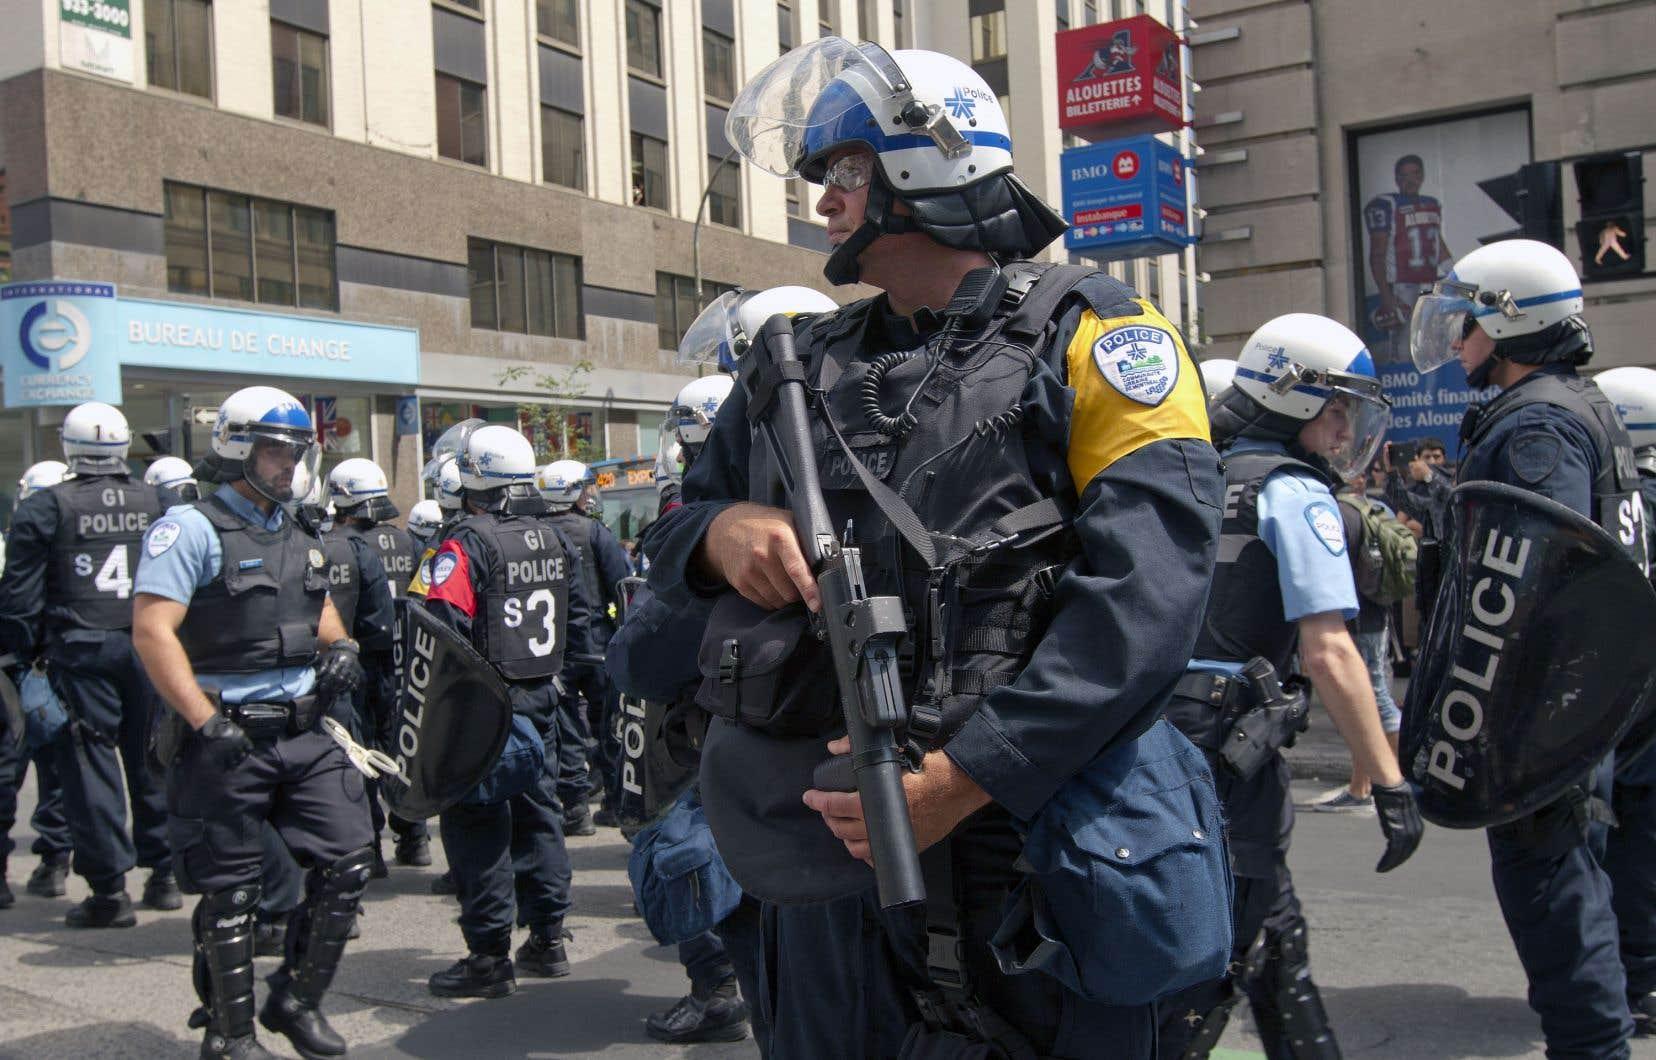 Plusieurs citoyens et représentants d'organisations présents à l'hôtel de ville mardi ont fait valoir que les armes intermédiaires pouvaient être dangereuses et qu'il fallait songer à les bannir.